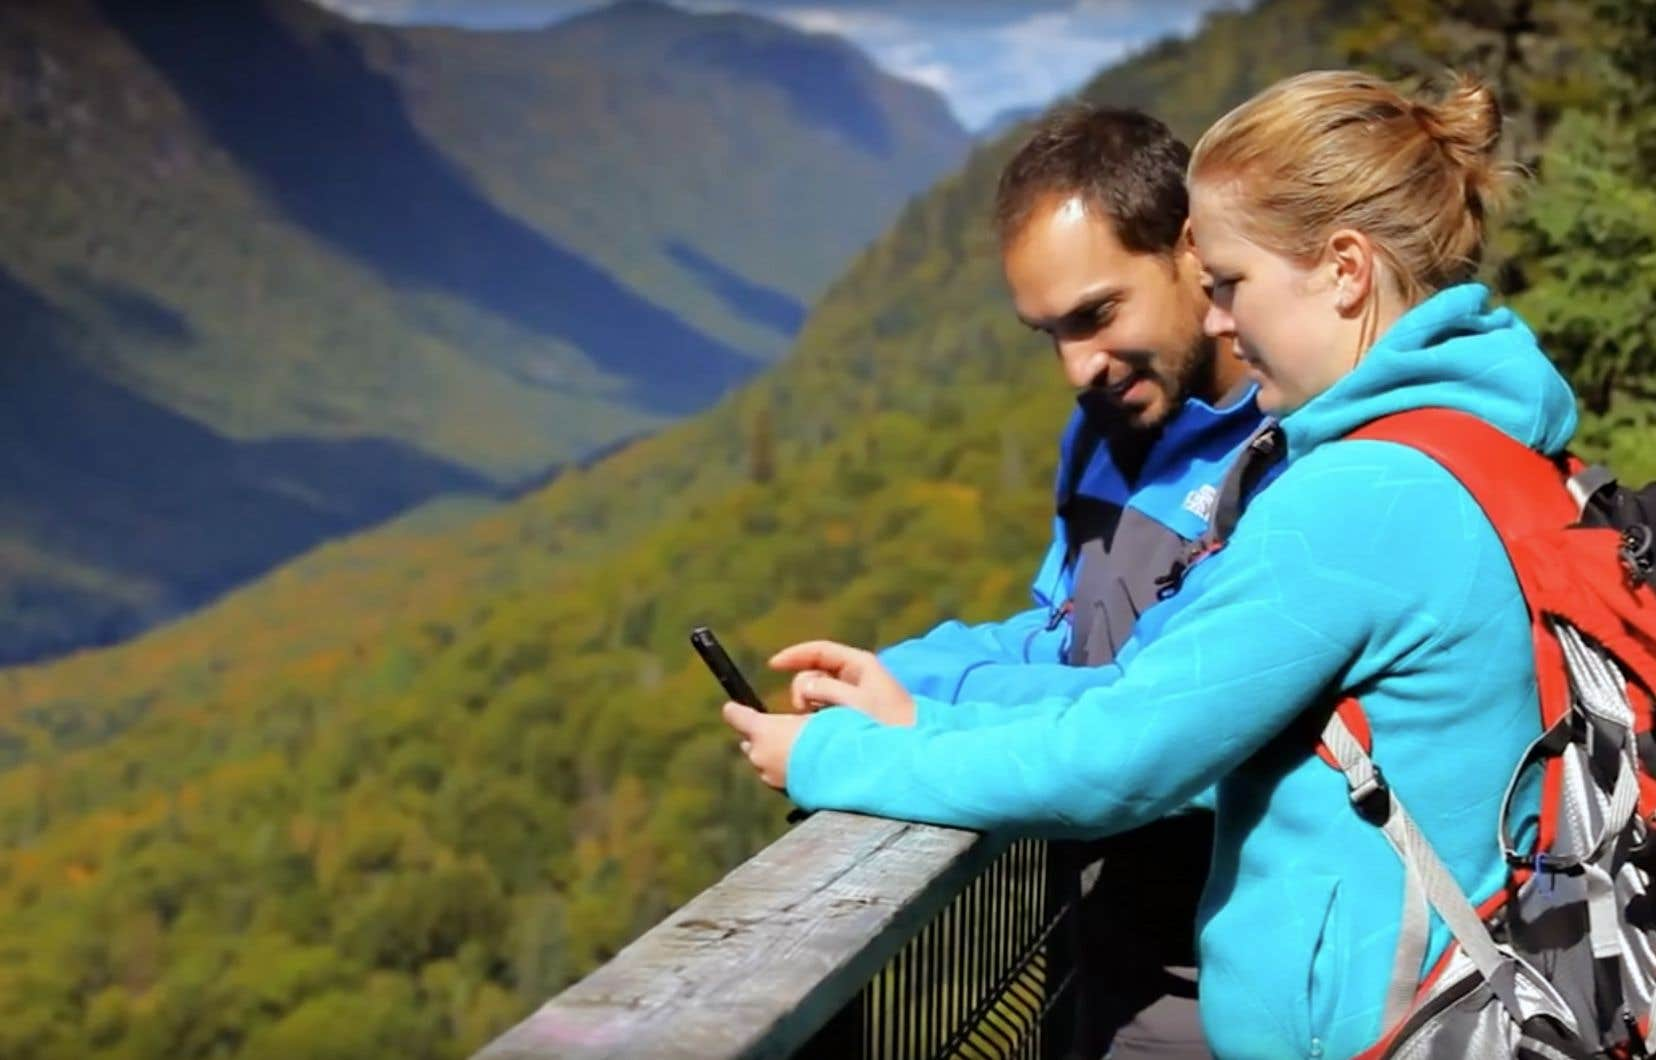 Le téléphone intelligent, c'est le couteau suisse du XXIesiècle; il est moins tranchant, mais rend autant, sinon plus de services à l'amateur de plein air en nous.